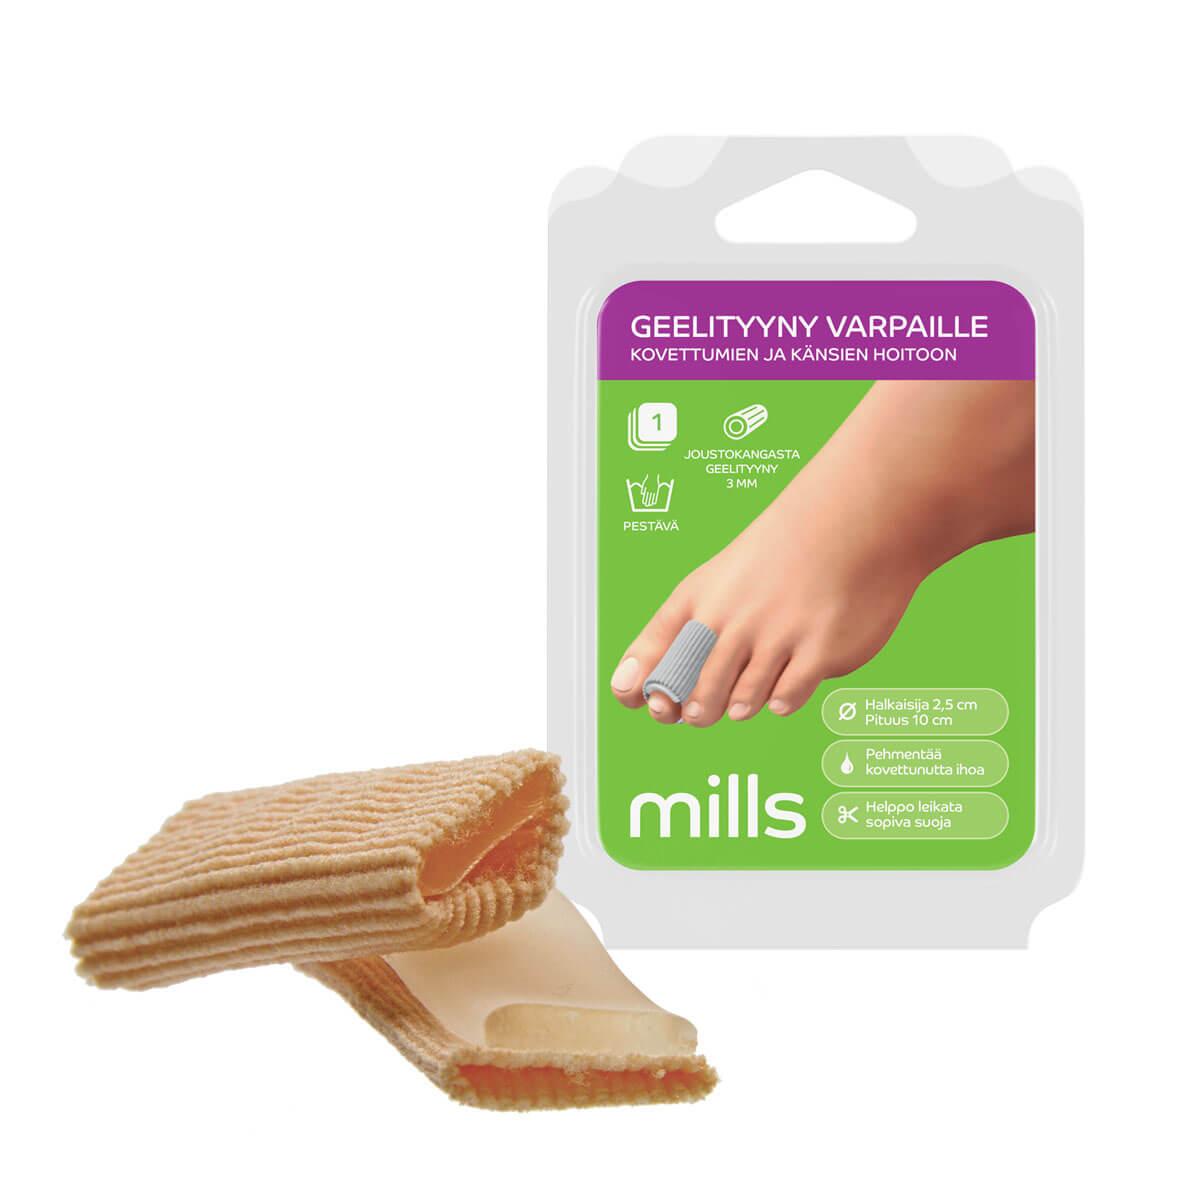 Mills Geelityyny varpaille